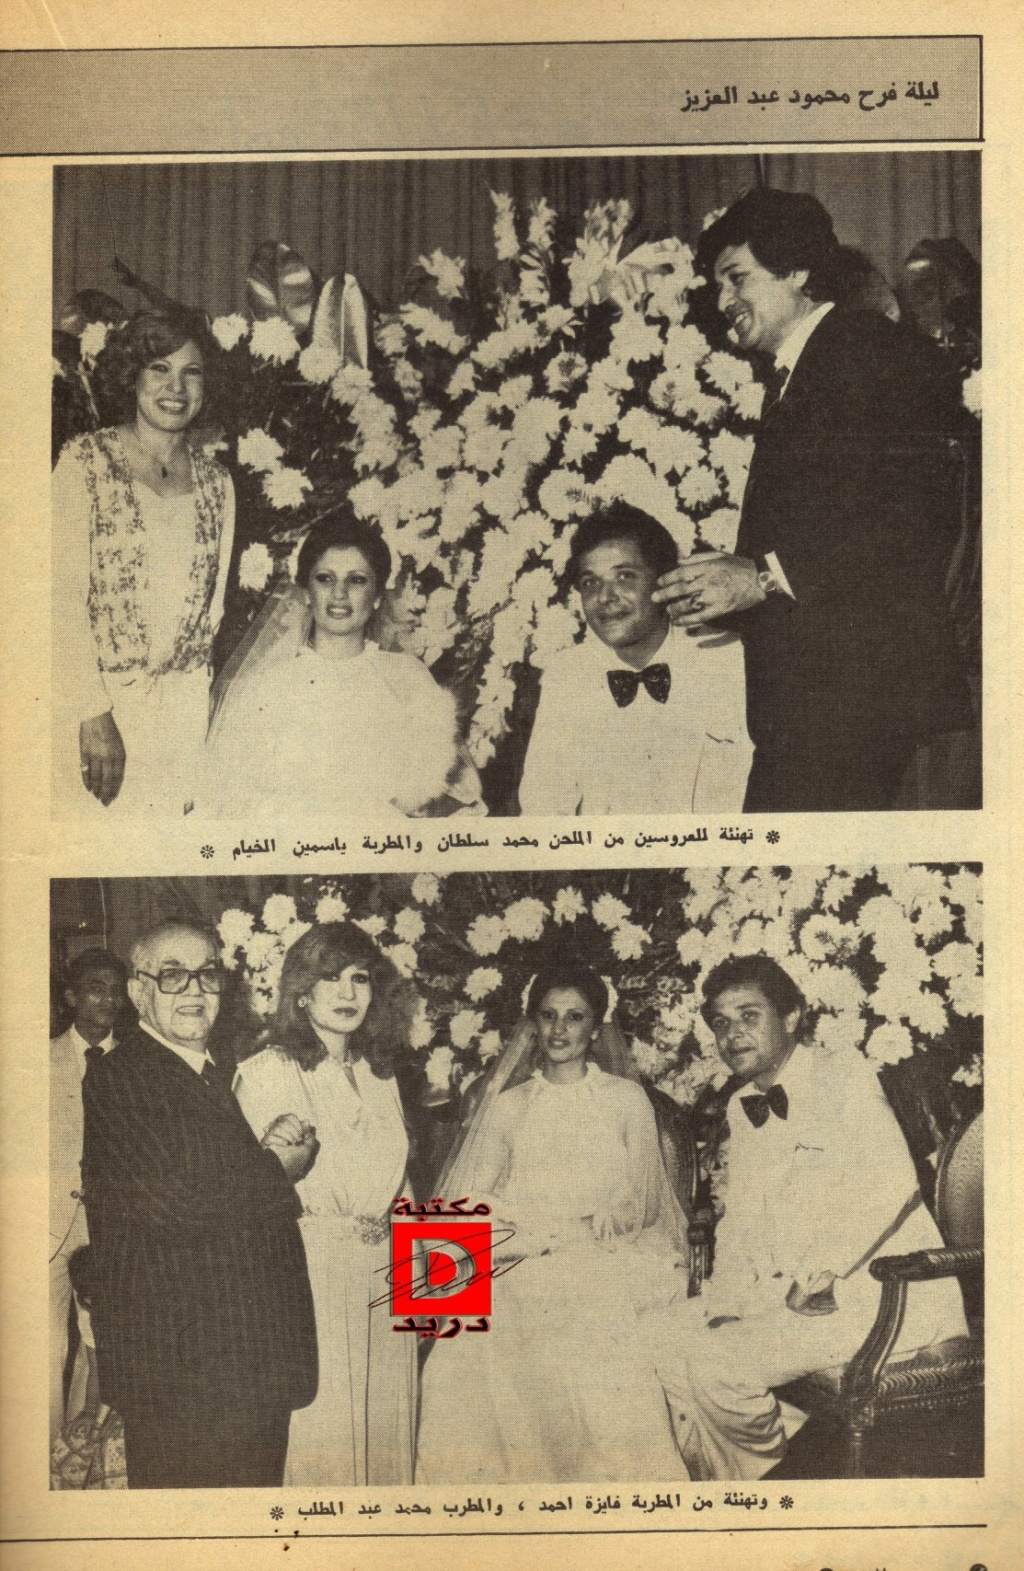 ليلة - مقال صحفي : محمود عبدالعزيز في ليلة فرحه ! 1980 م 511